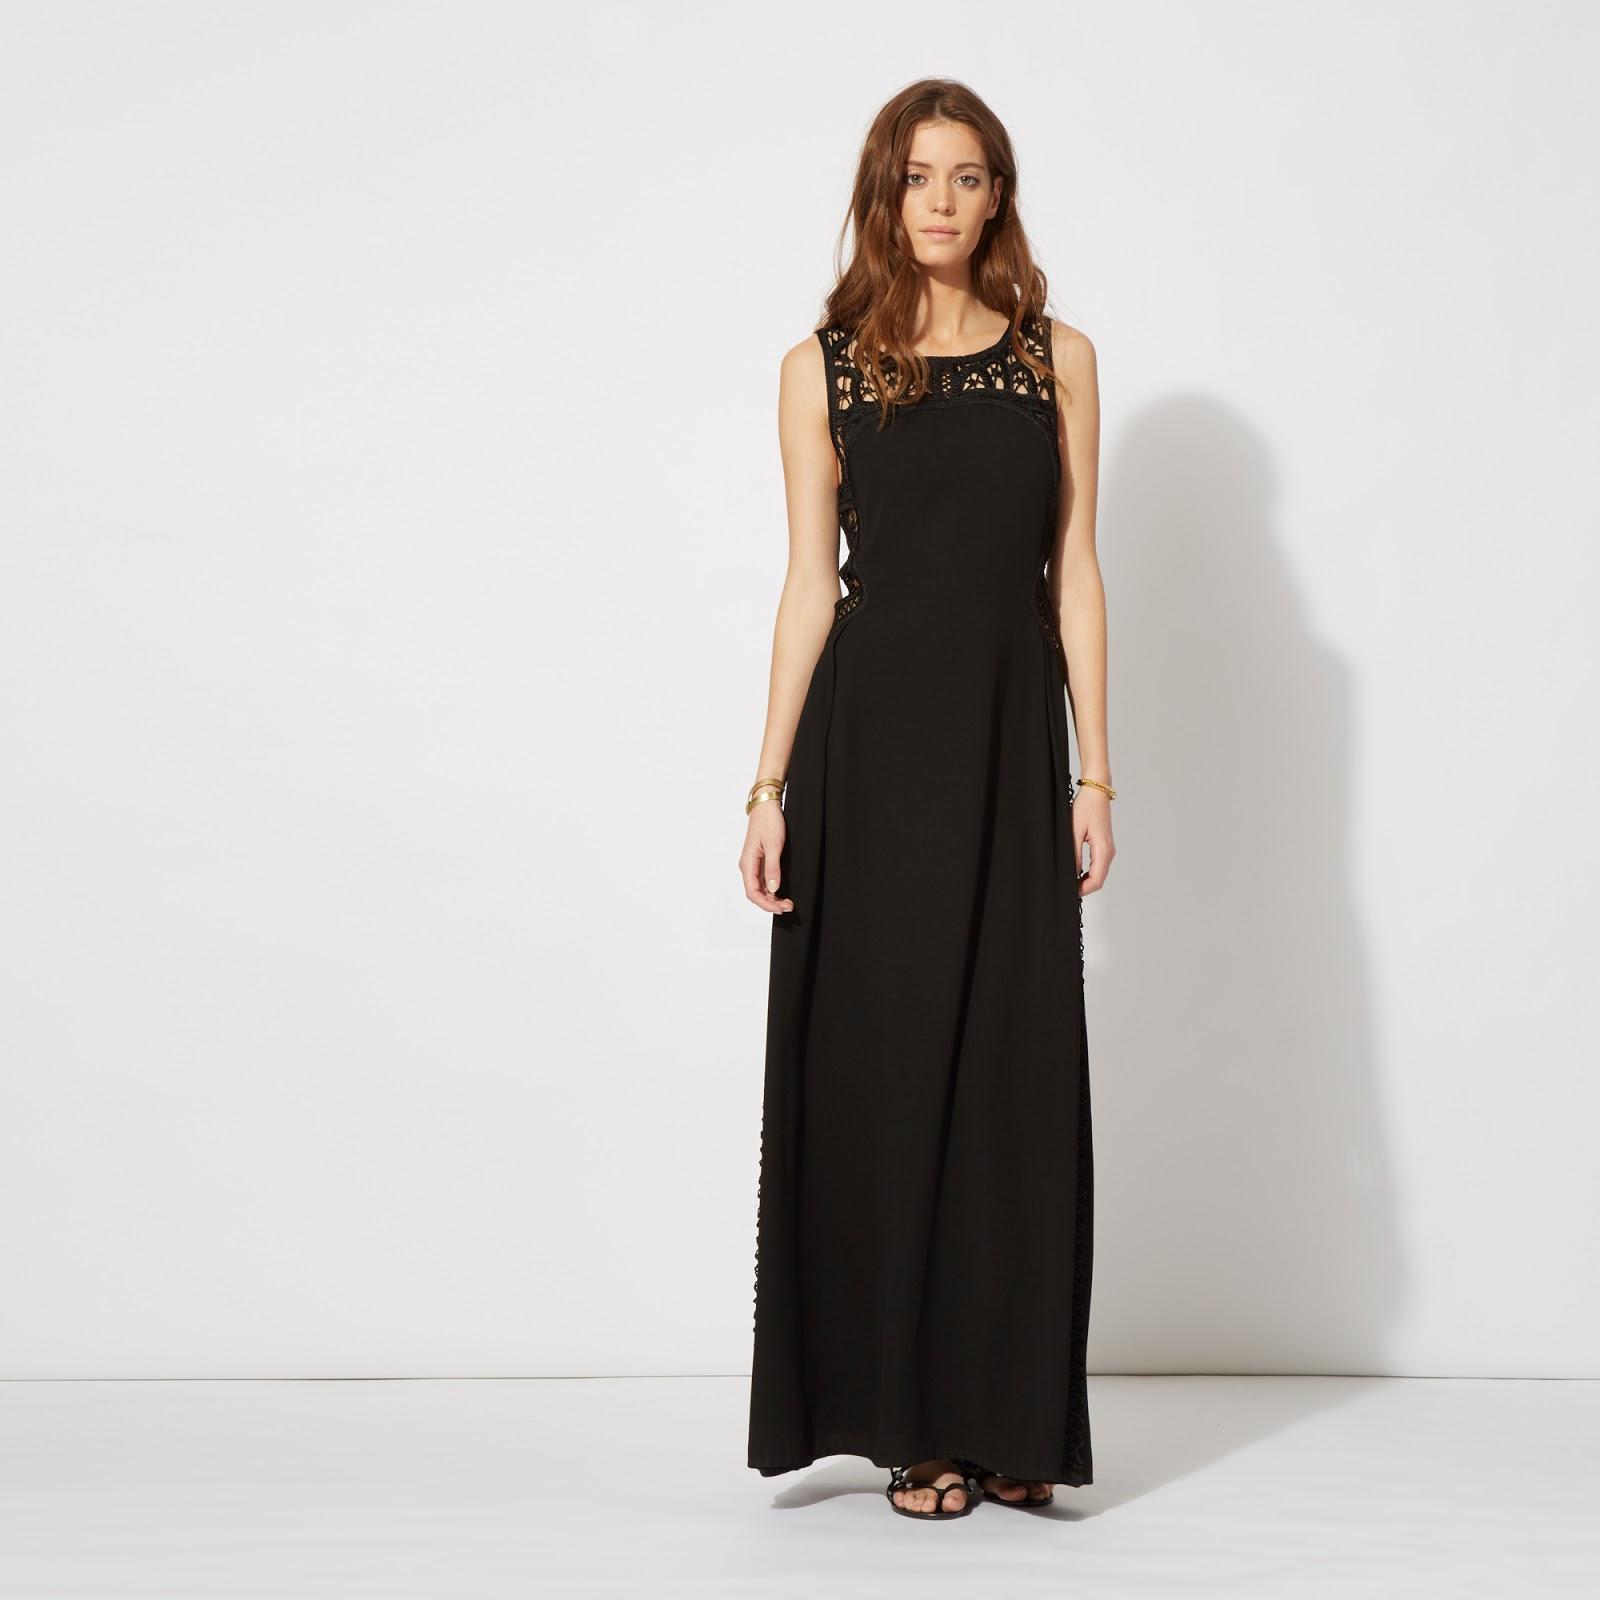 le cas de la robe longue et aur lie alors blog beaut bio et lifestyle dijon. Black Bedroom Furniture Sets. Home Design Ideas